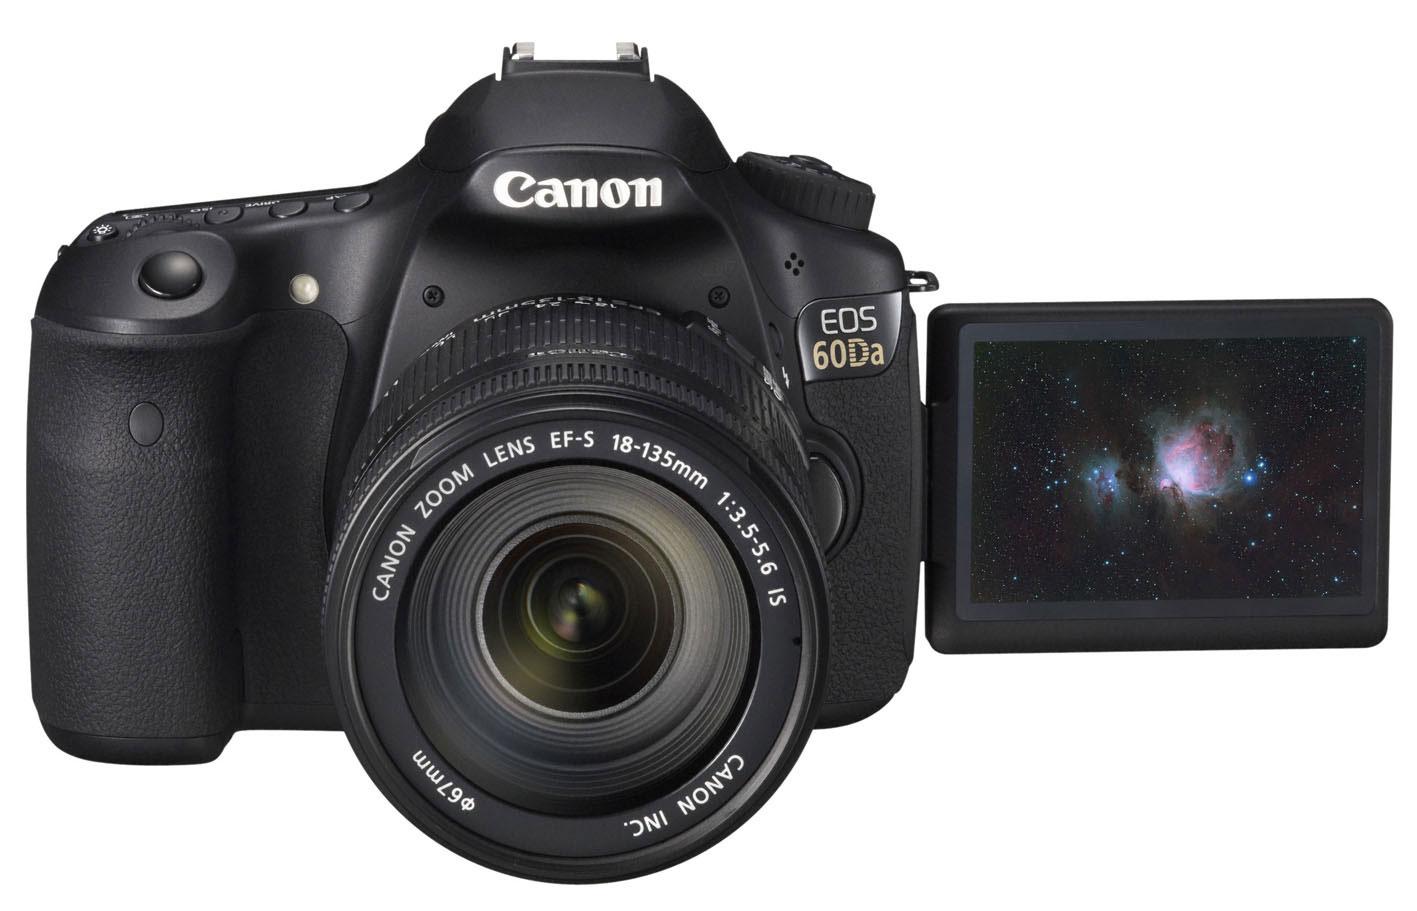 Das LC-Display der Canon EOS 60Da ist dreh- und schwenkbar.